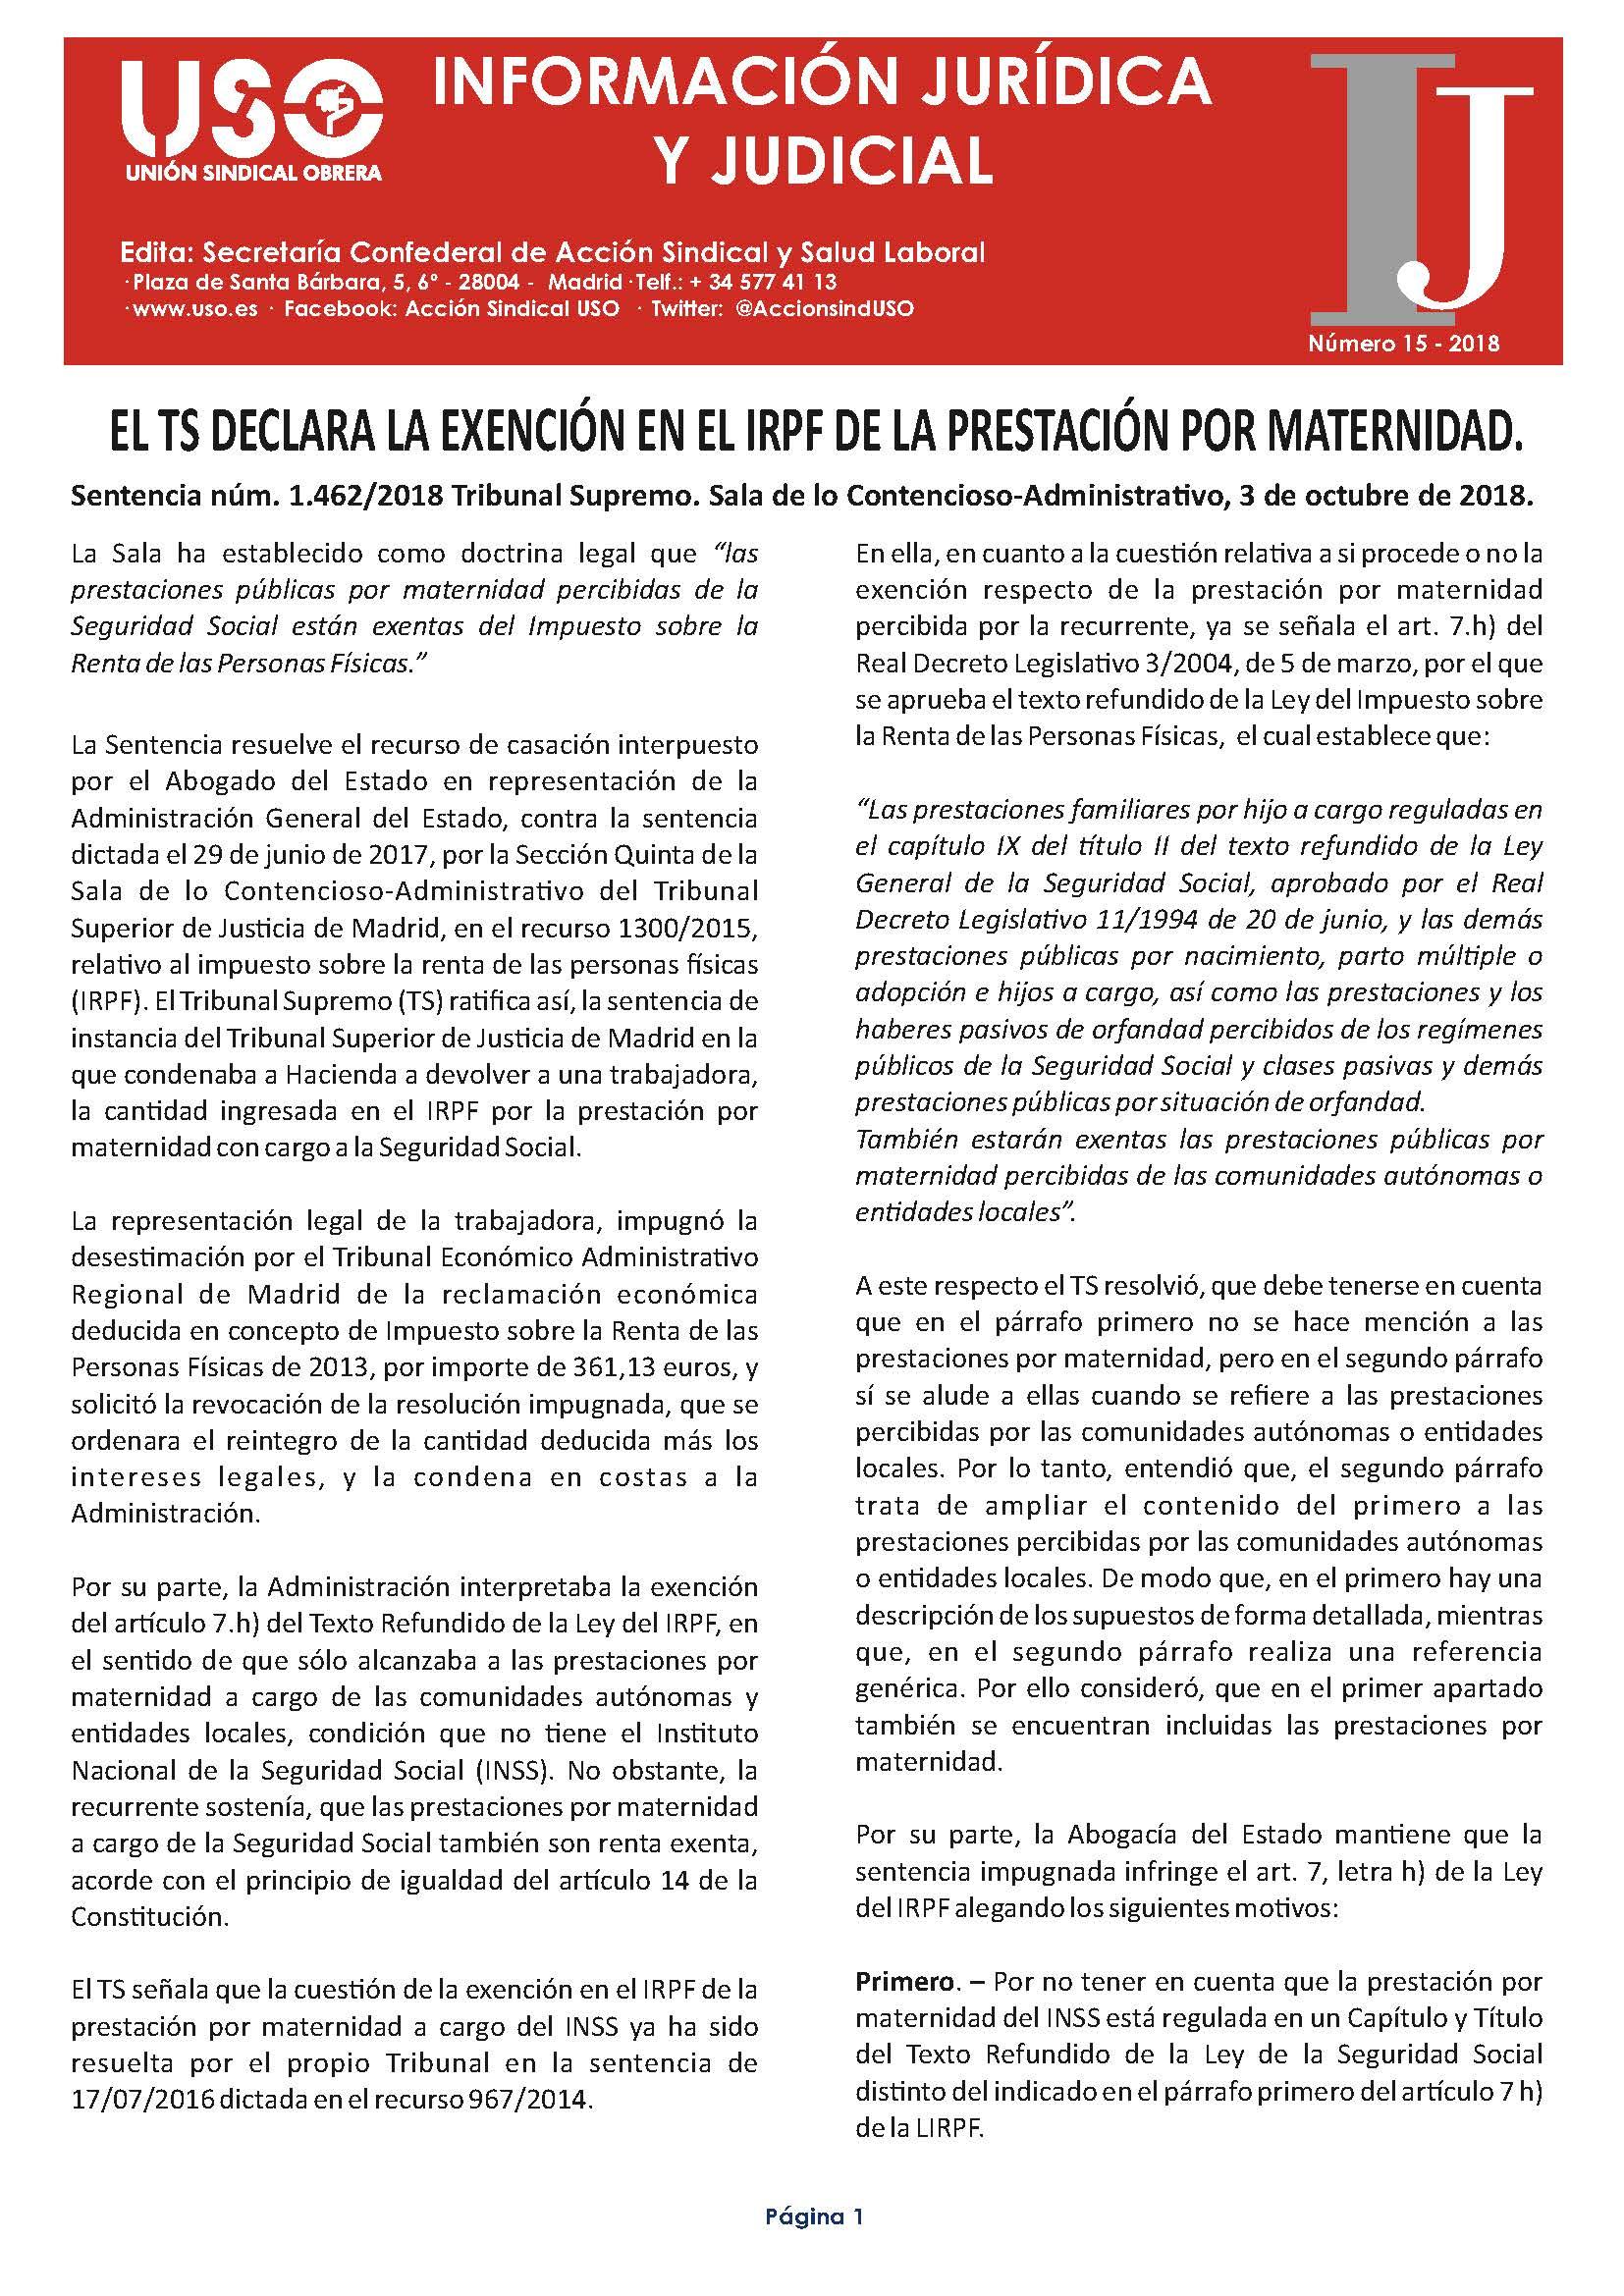 Información Jurídica y Judicial nº 15